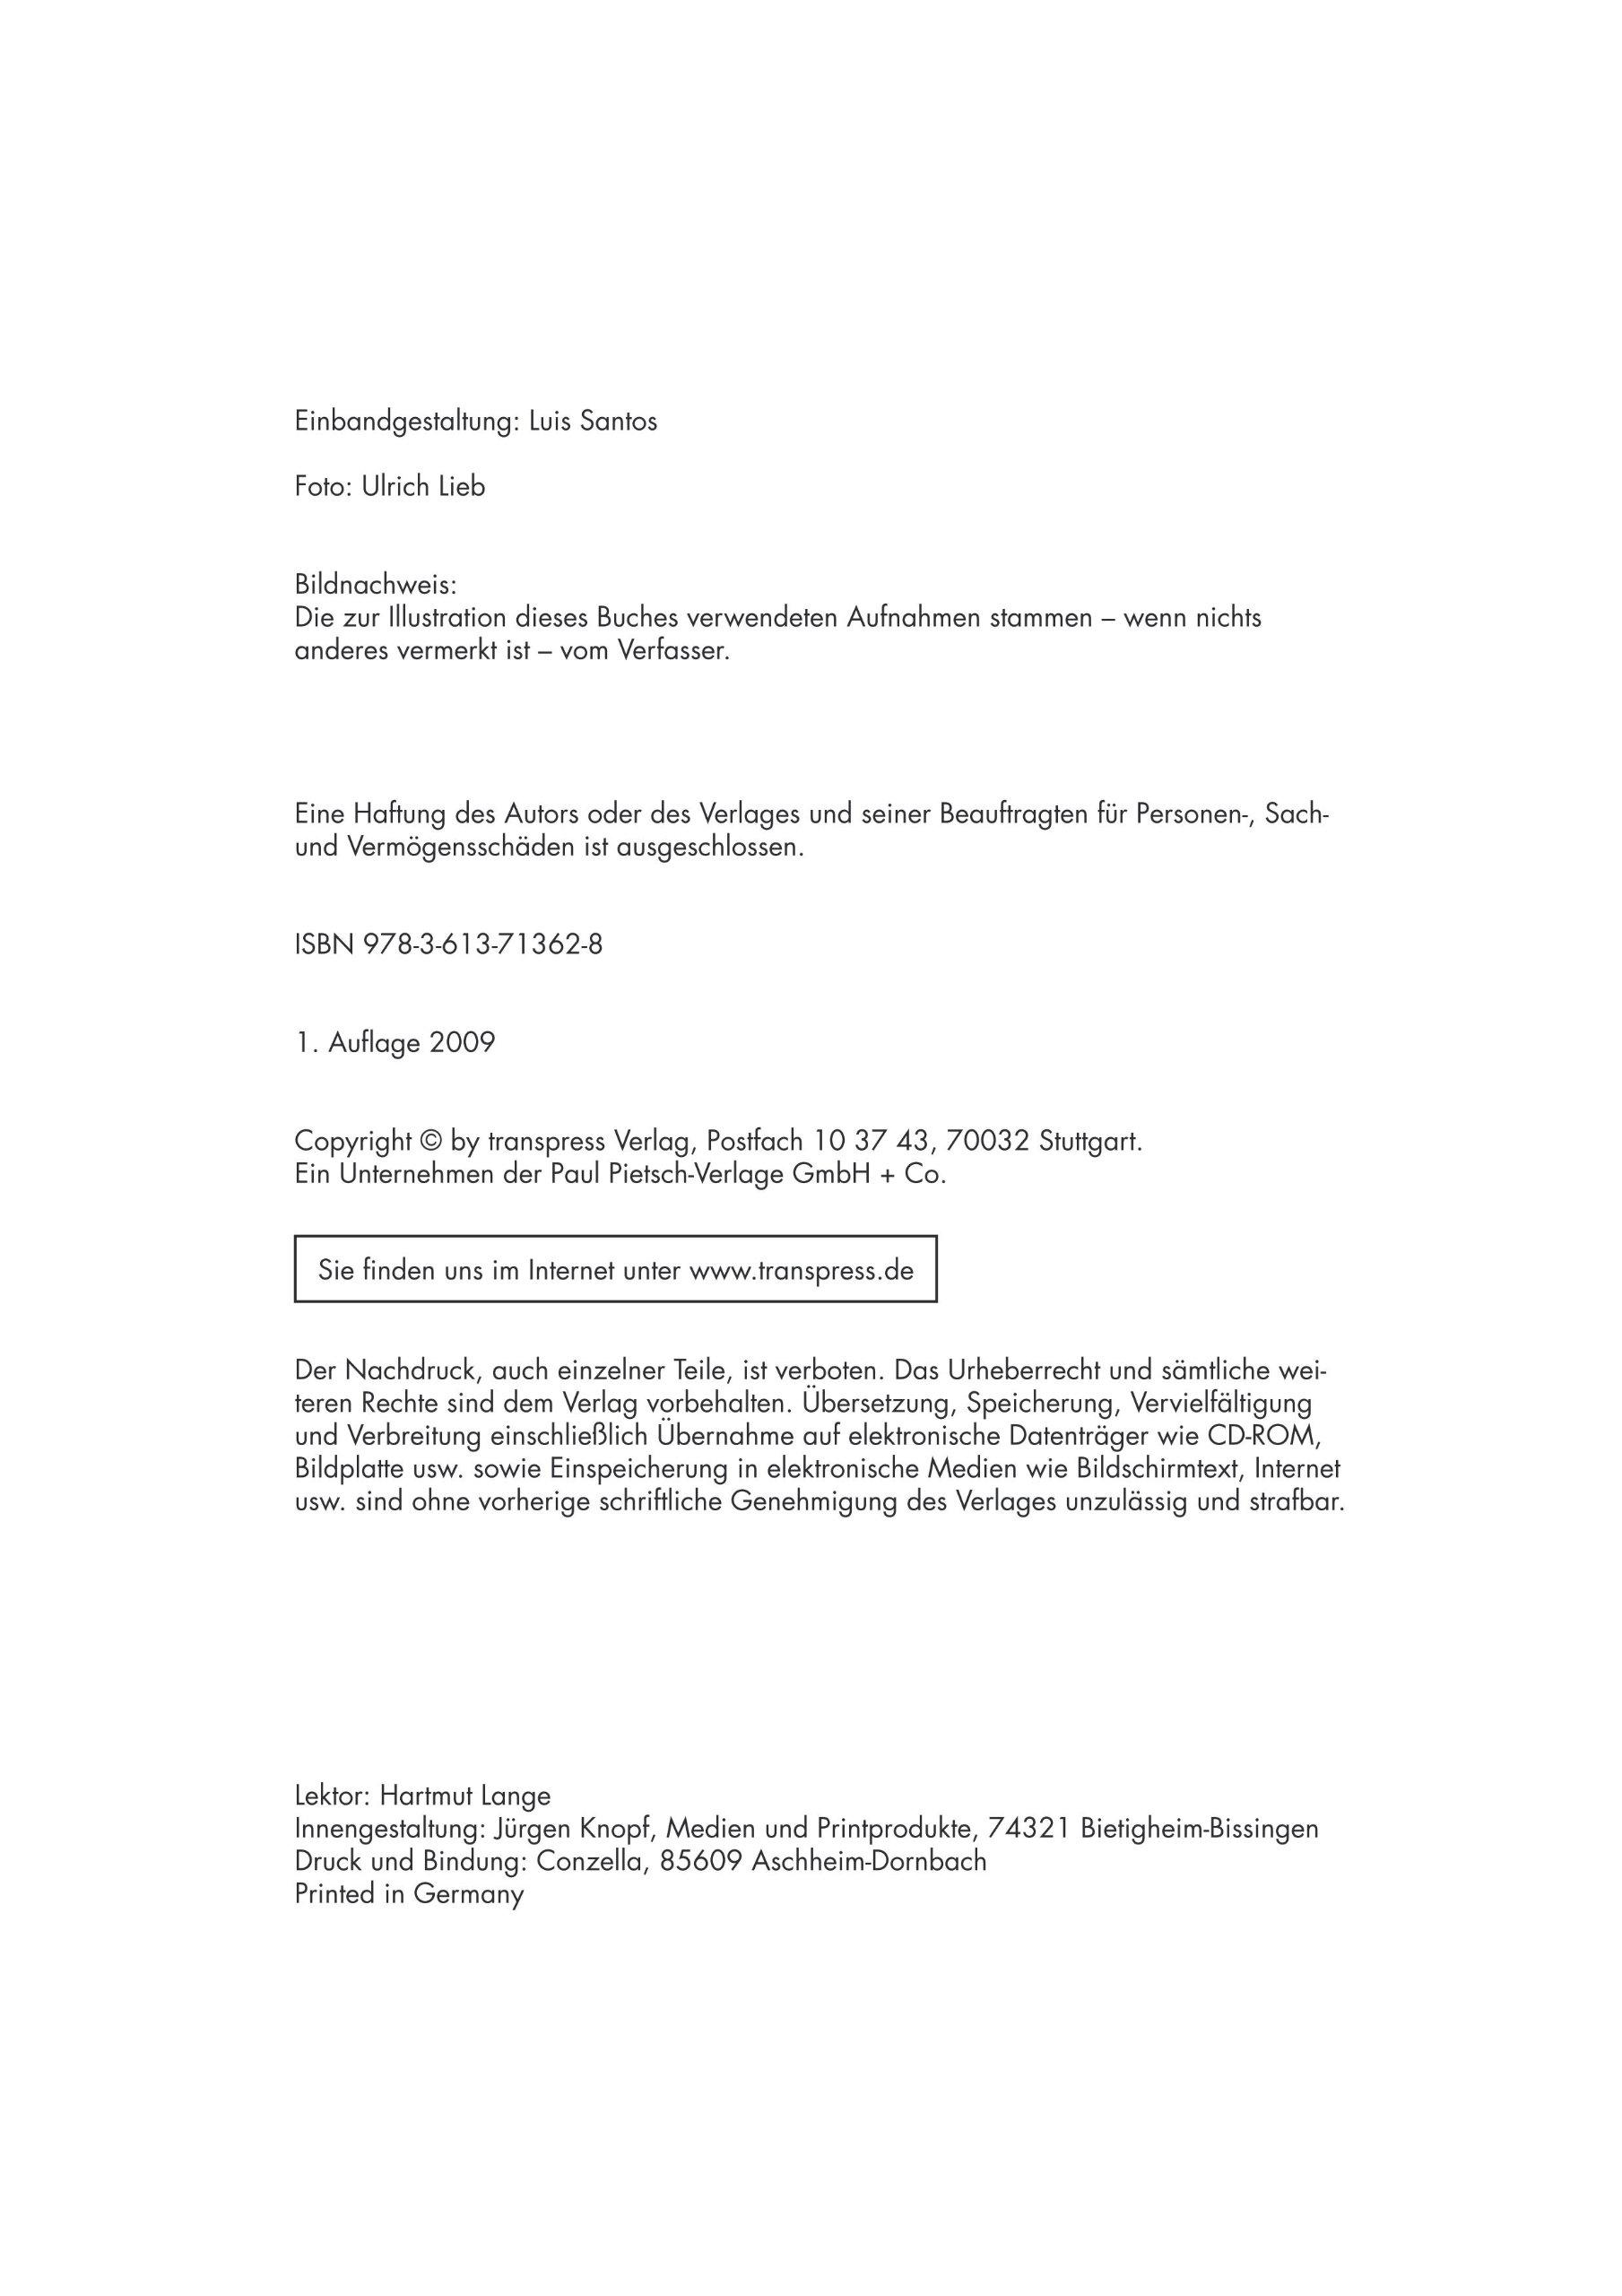 profi tipps fr die modellbahn planung 9783613713628 amazoncom books - Vermogensschaden Beispiel